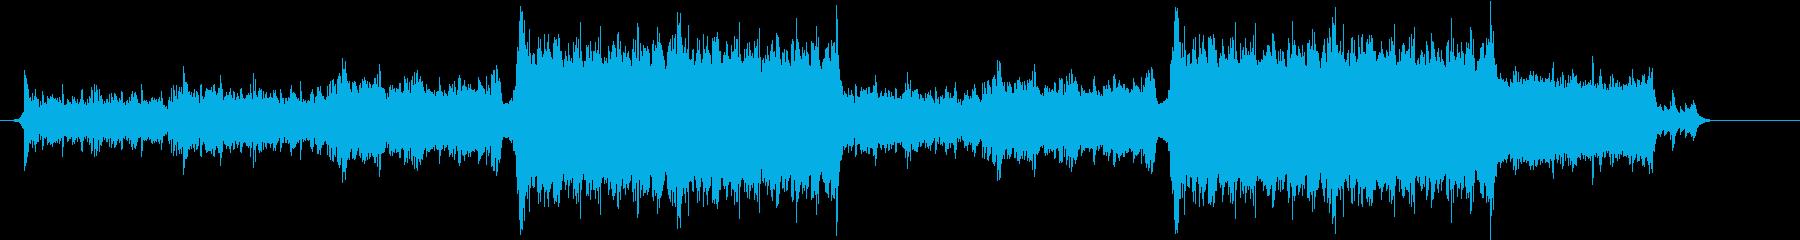 ピアノメインの明るいオーケストラ曲です。の再生済みの波形